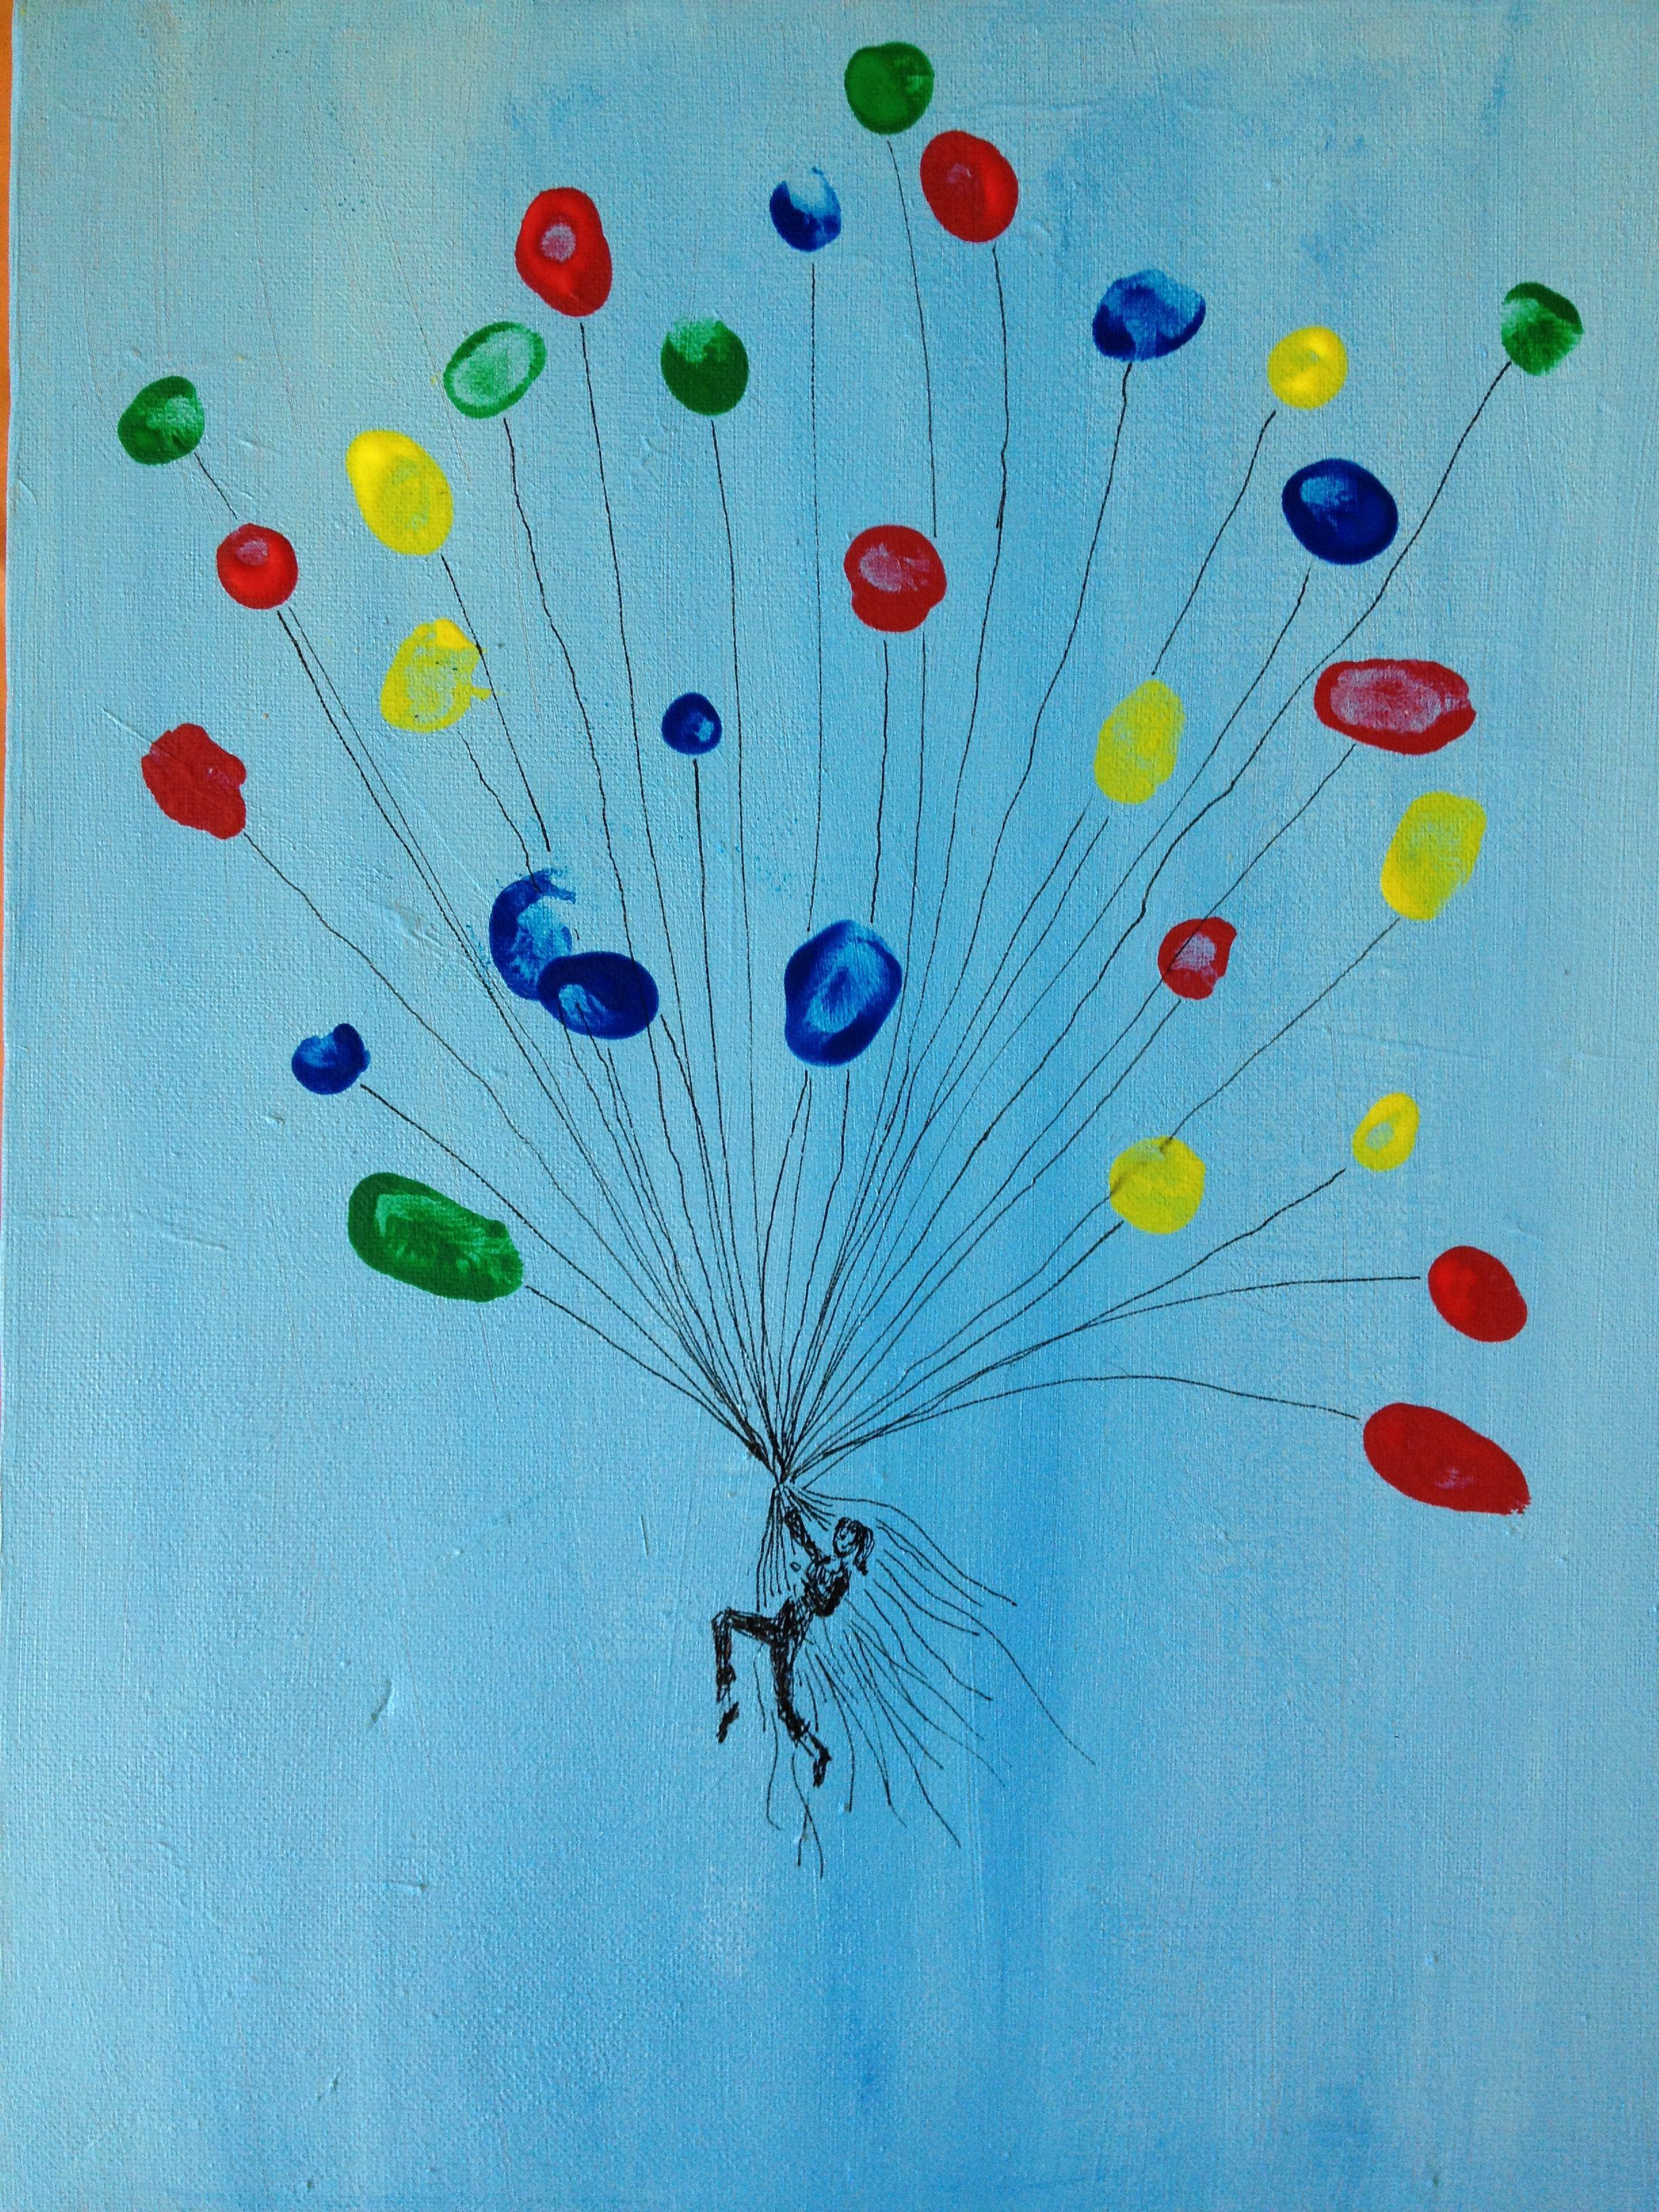 geschenk f r eine kollegin die luftballons sind fingerabdr cke der kinder auf leinwand. Black Bedroom Furniture Sets. Home Design Ideas